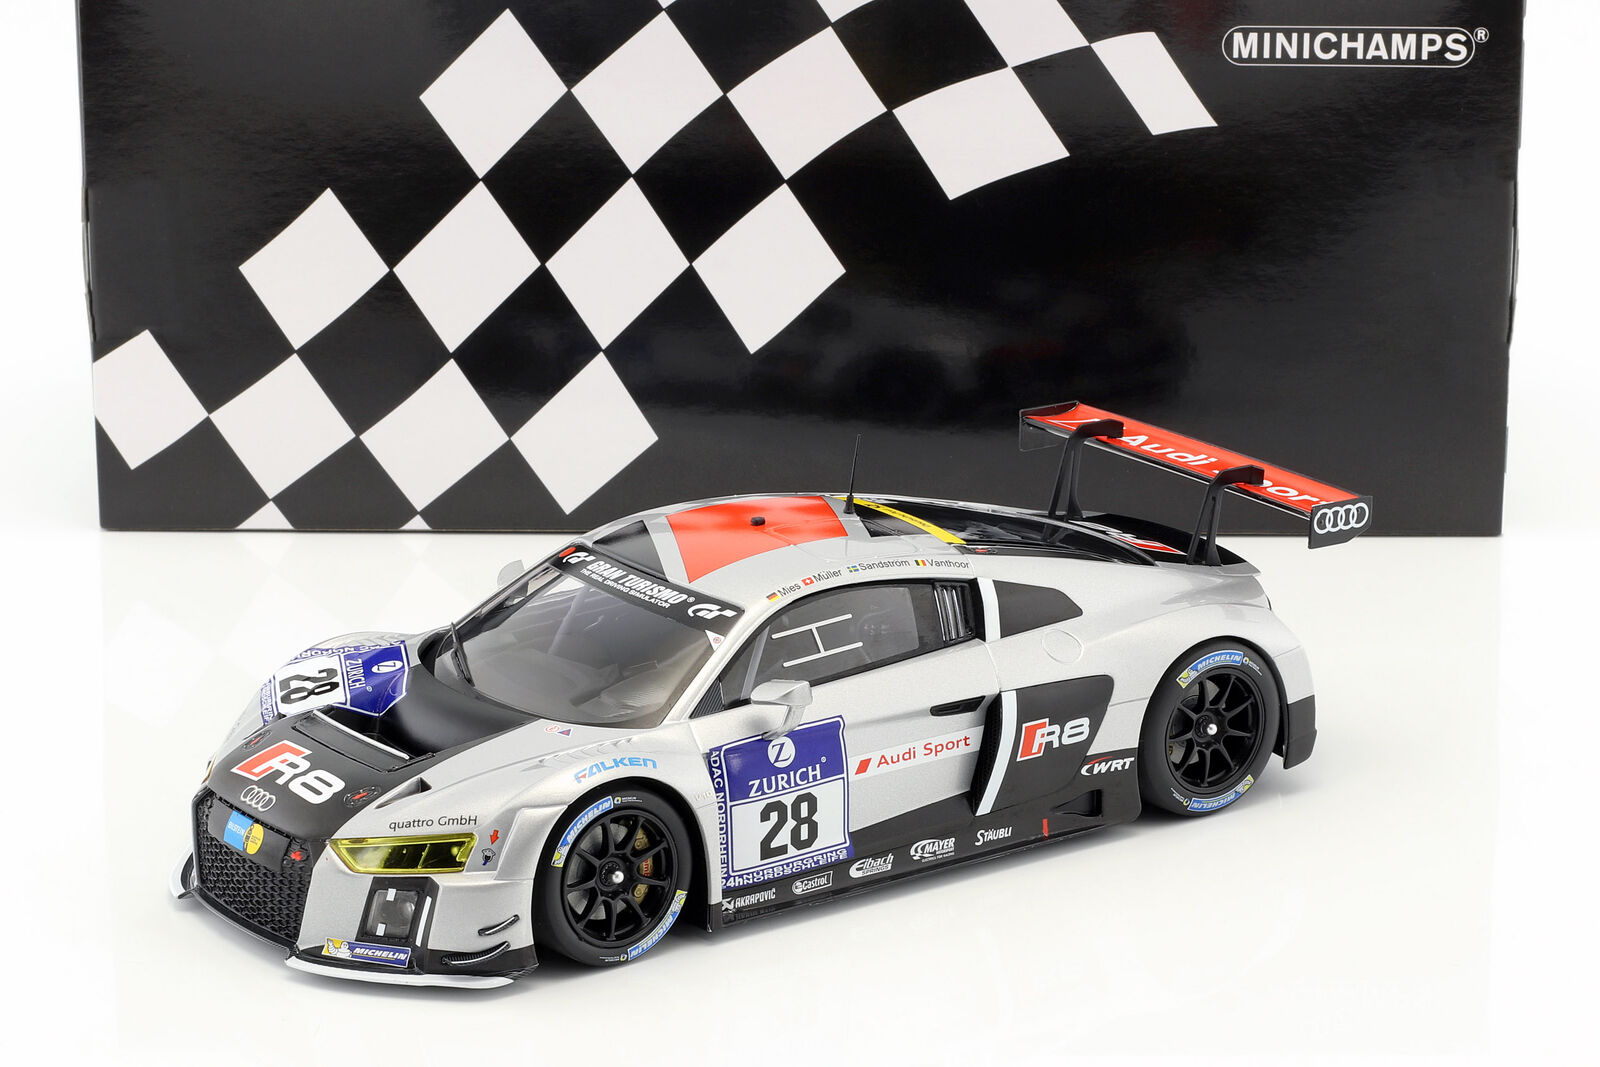 Audi r8 LMS ULTRA  28 WINNER 24 H Nürburgring 2015 équipe expérimentés 1 18 Minichamps